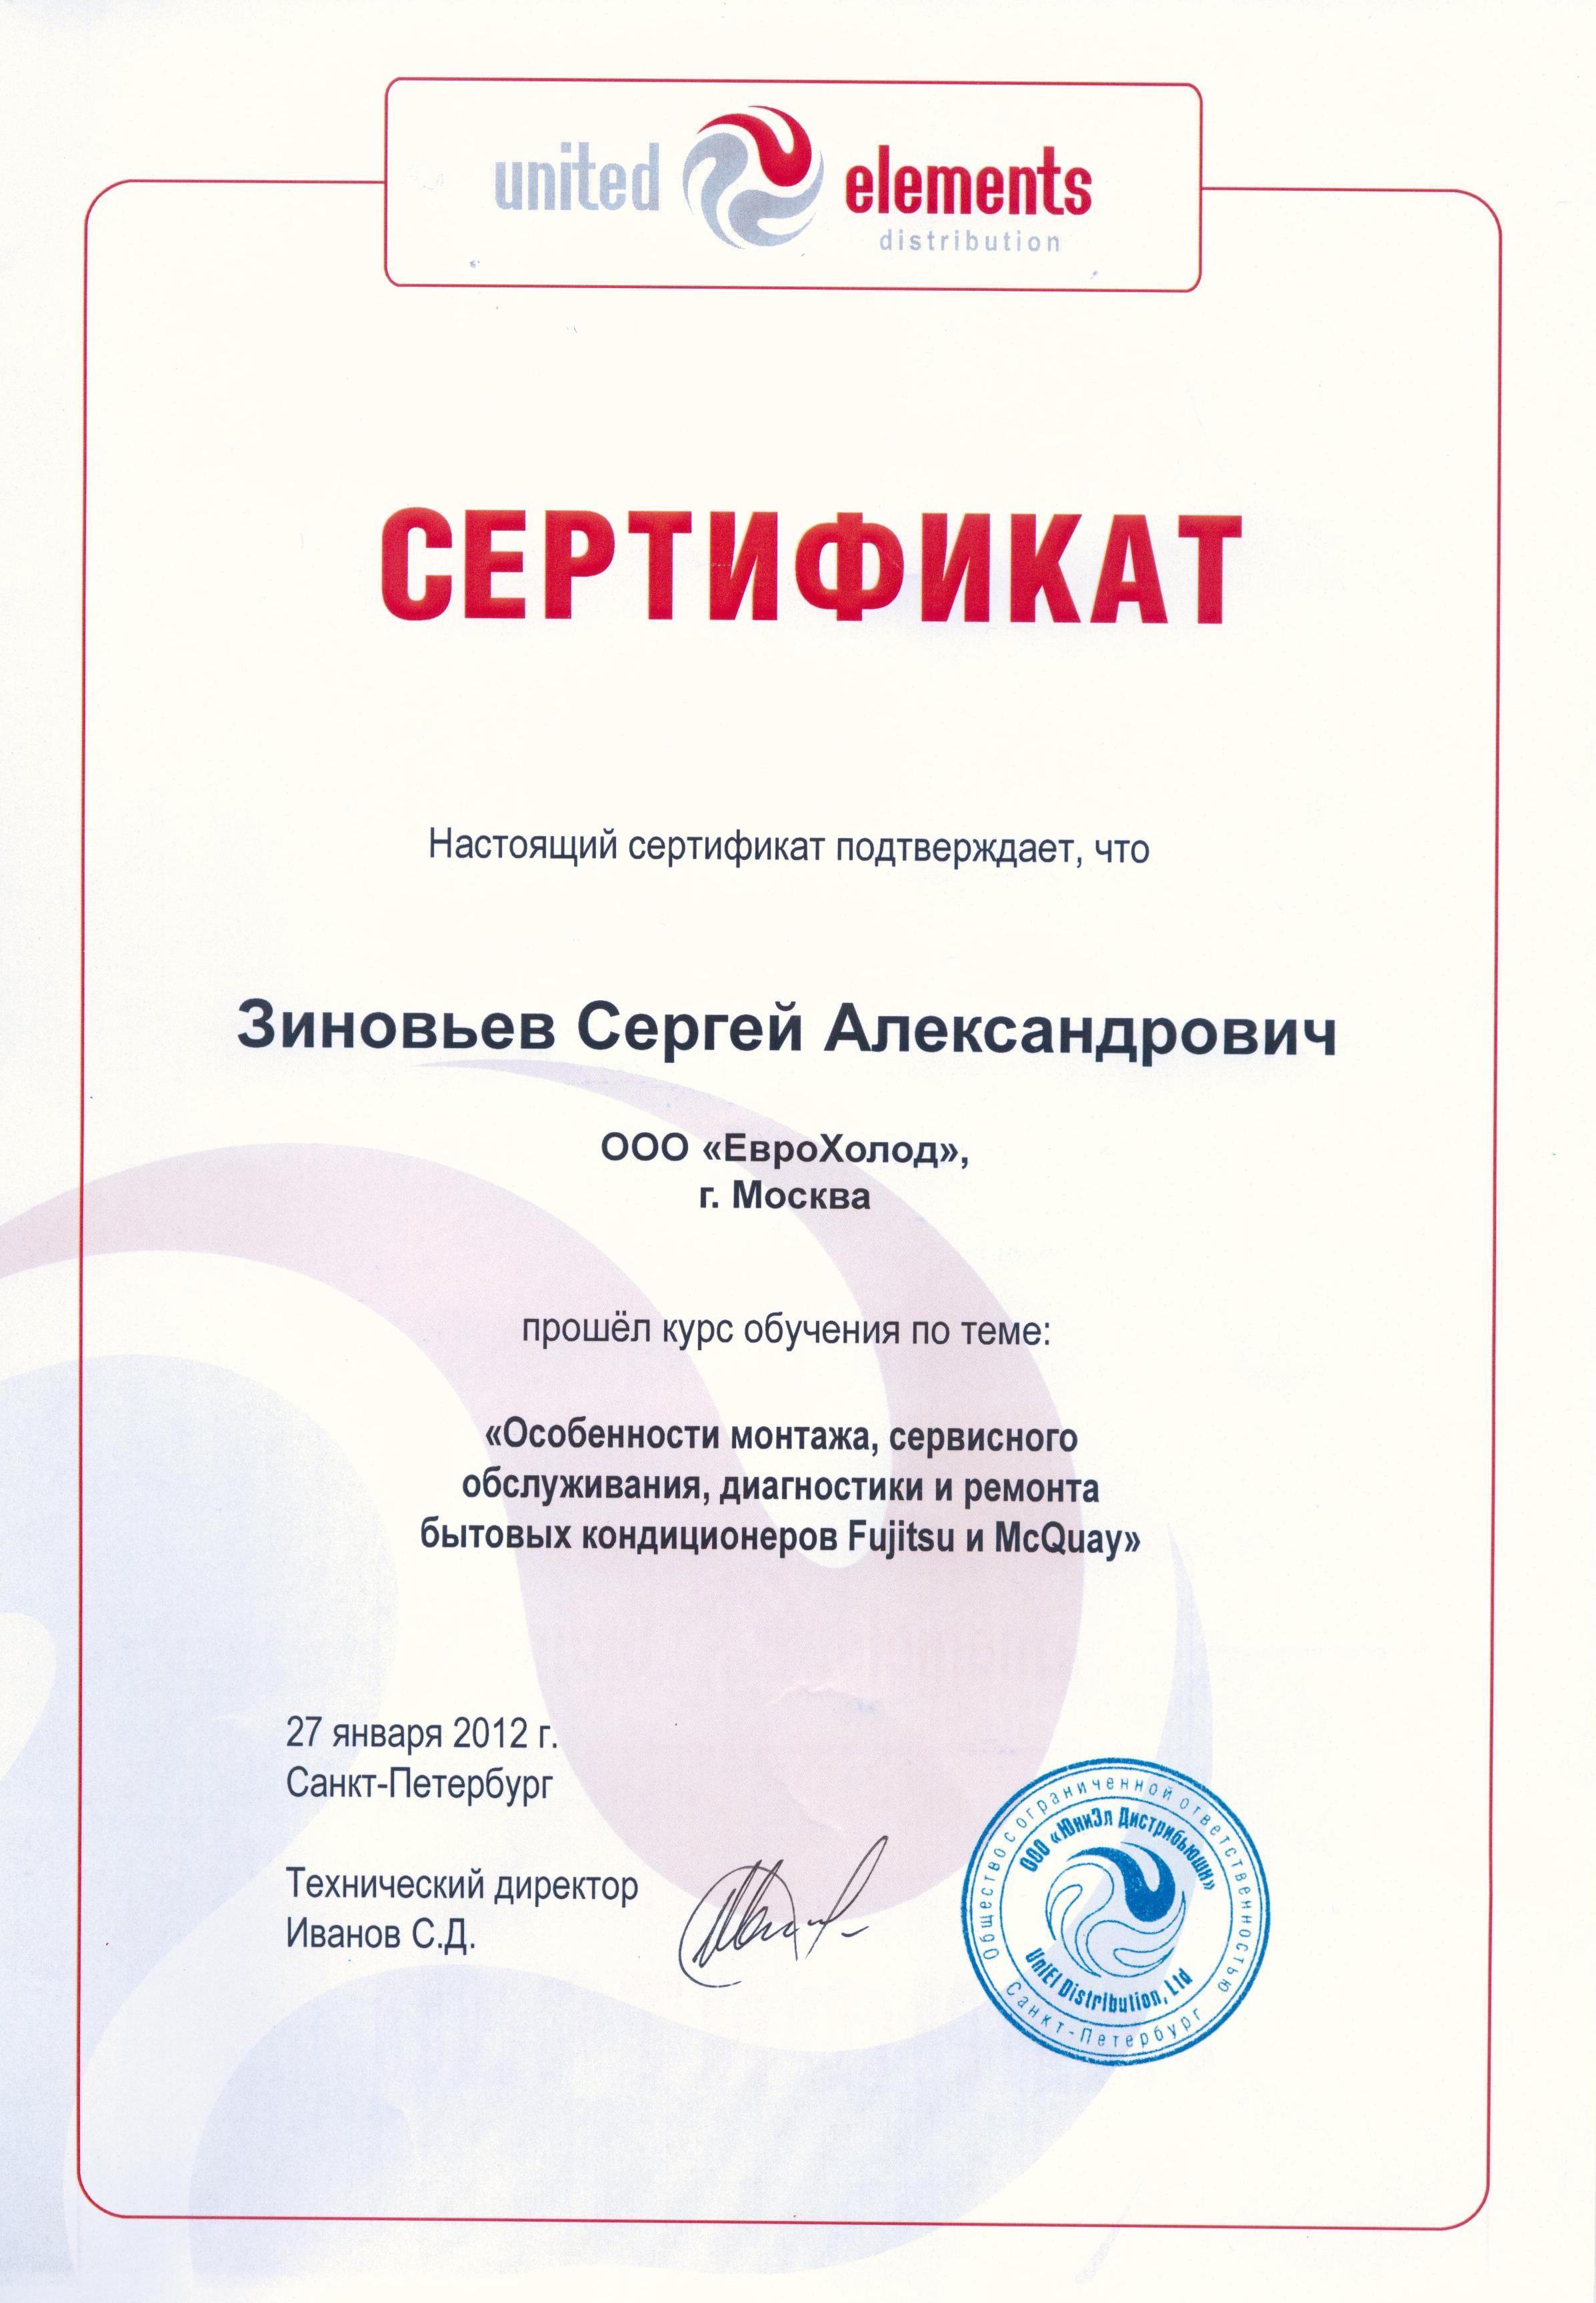 Сертификация обучения сертификат качества на круг диаметром 22 гост 2590-88